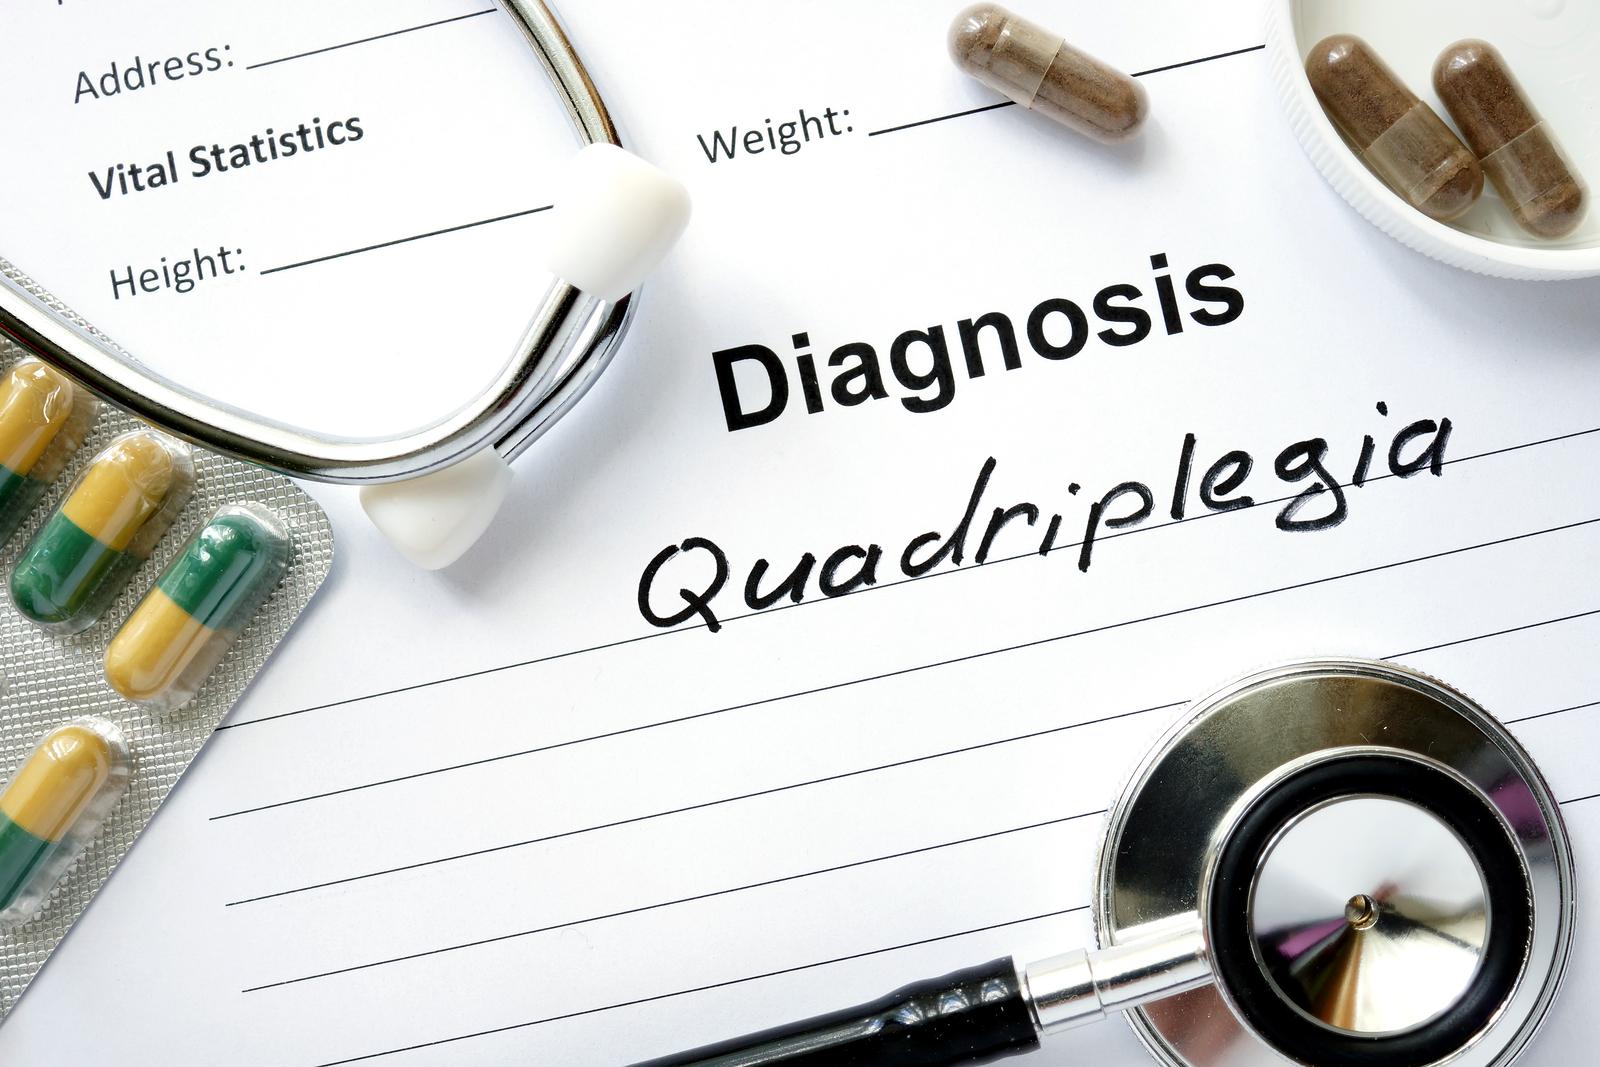 Quadriplegia and Marijuana Information: Treat Quadriplegia With Cannabis